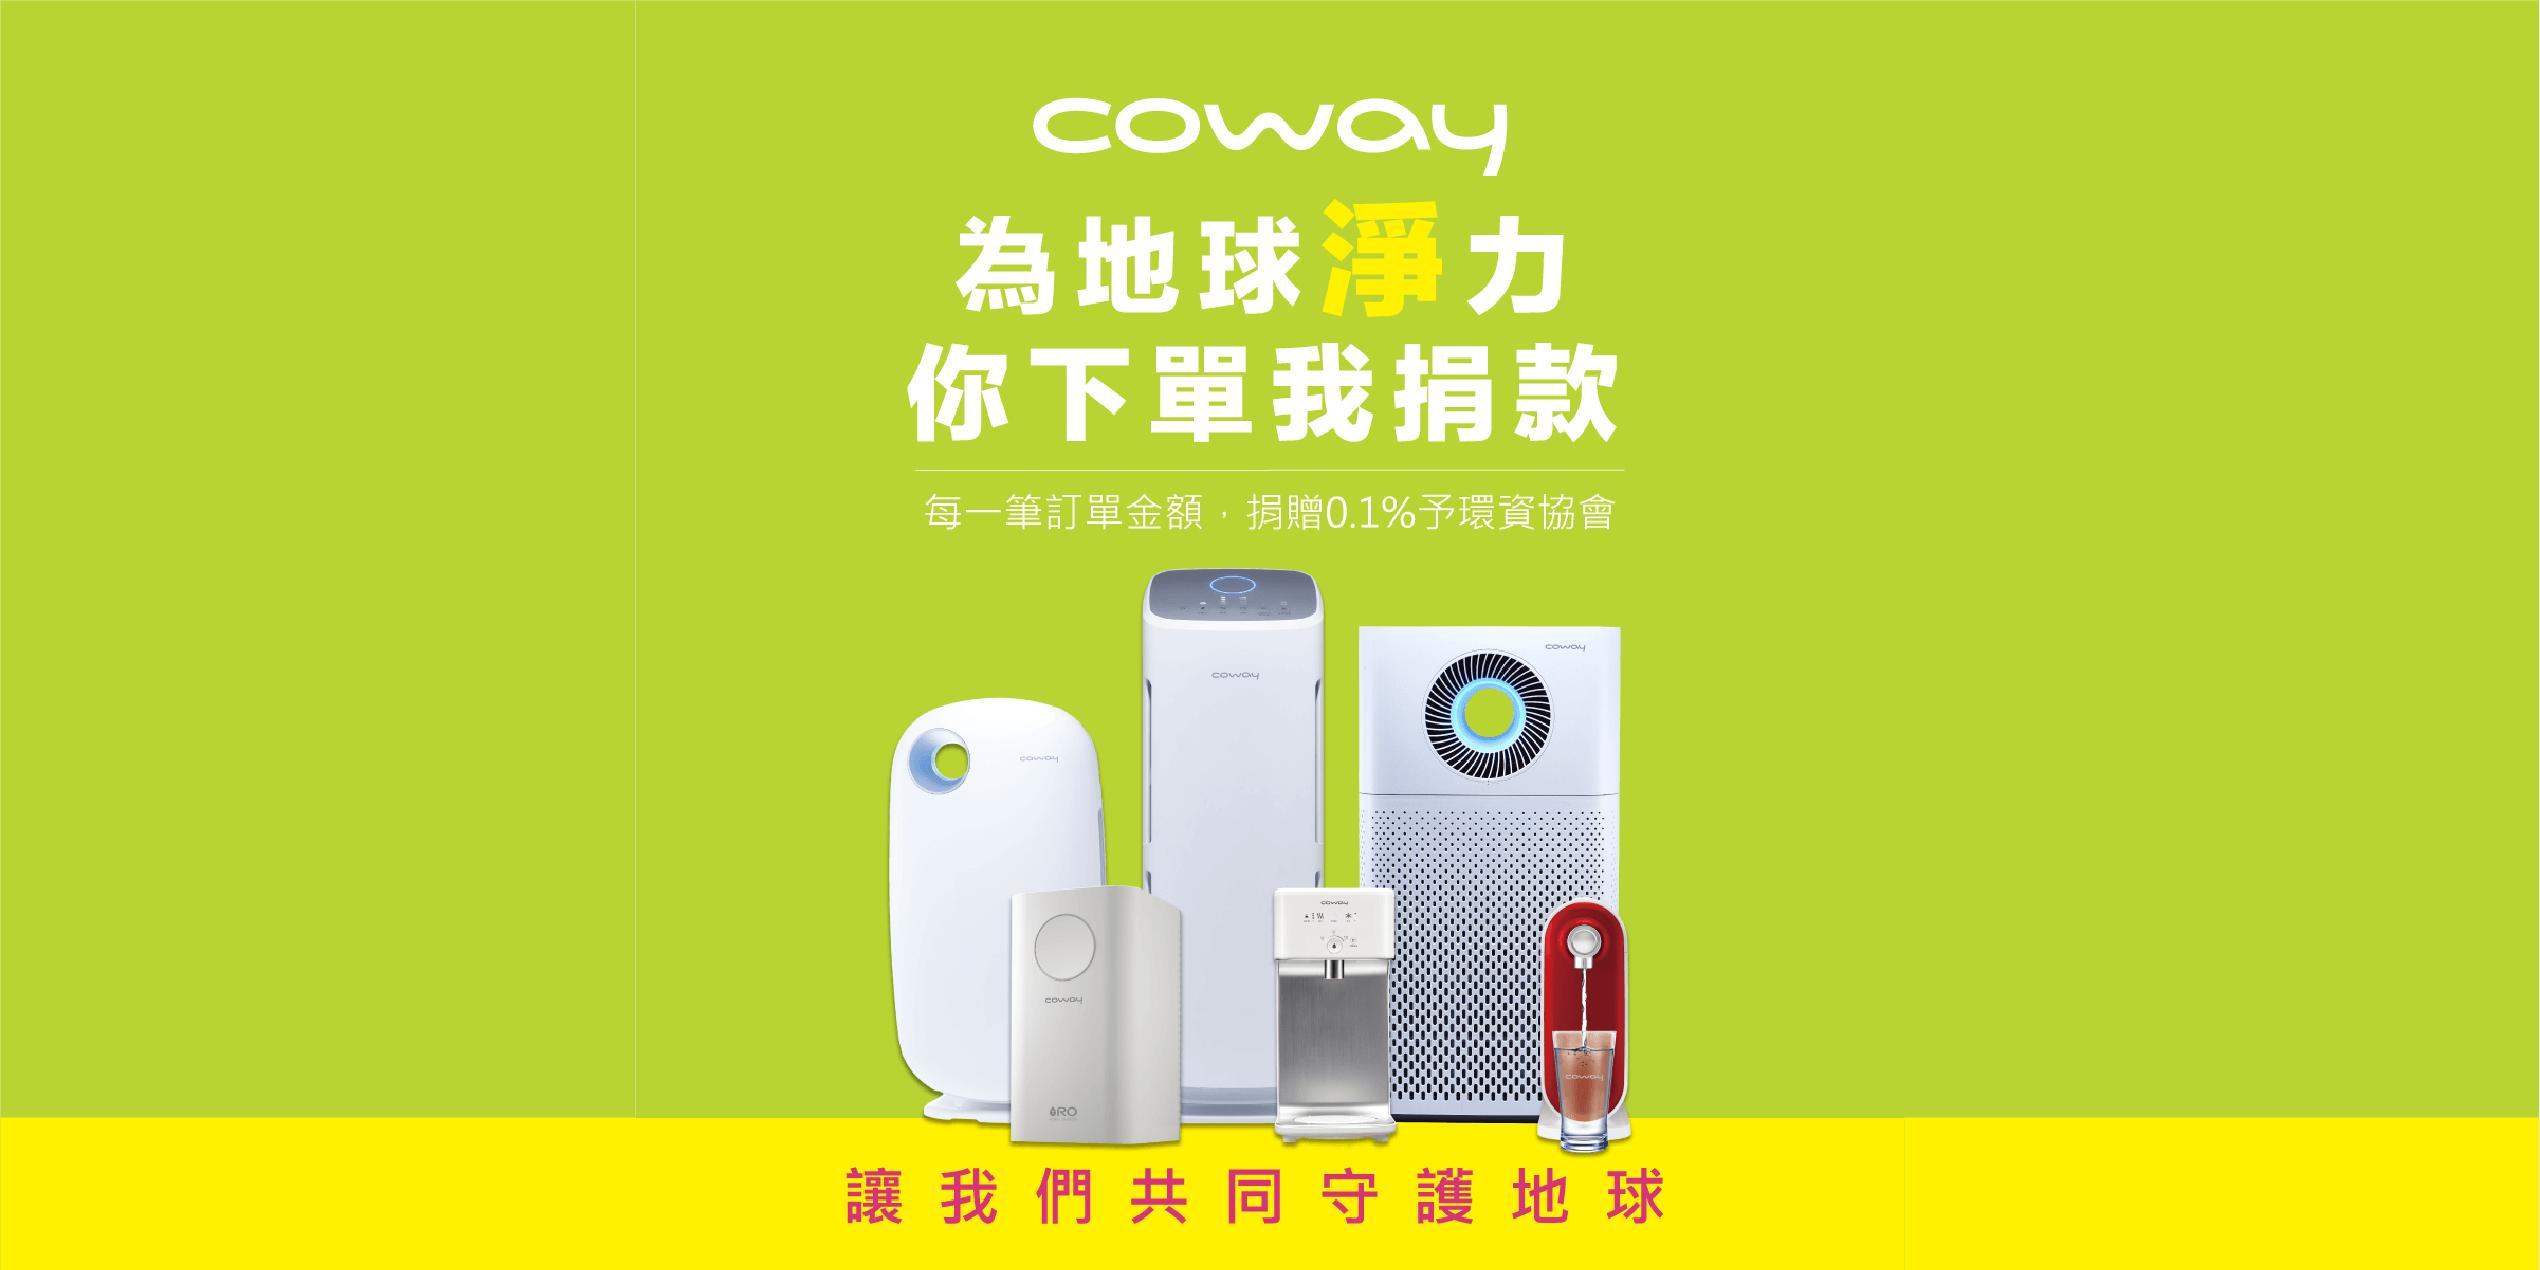 綠色合作-coway